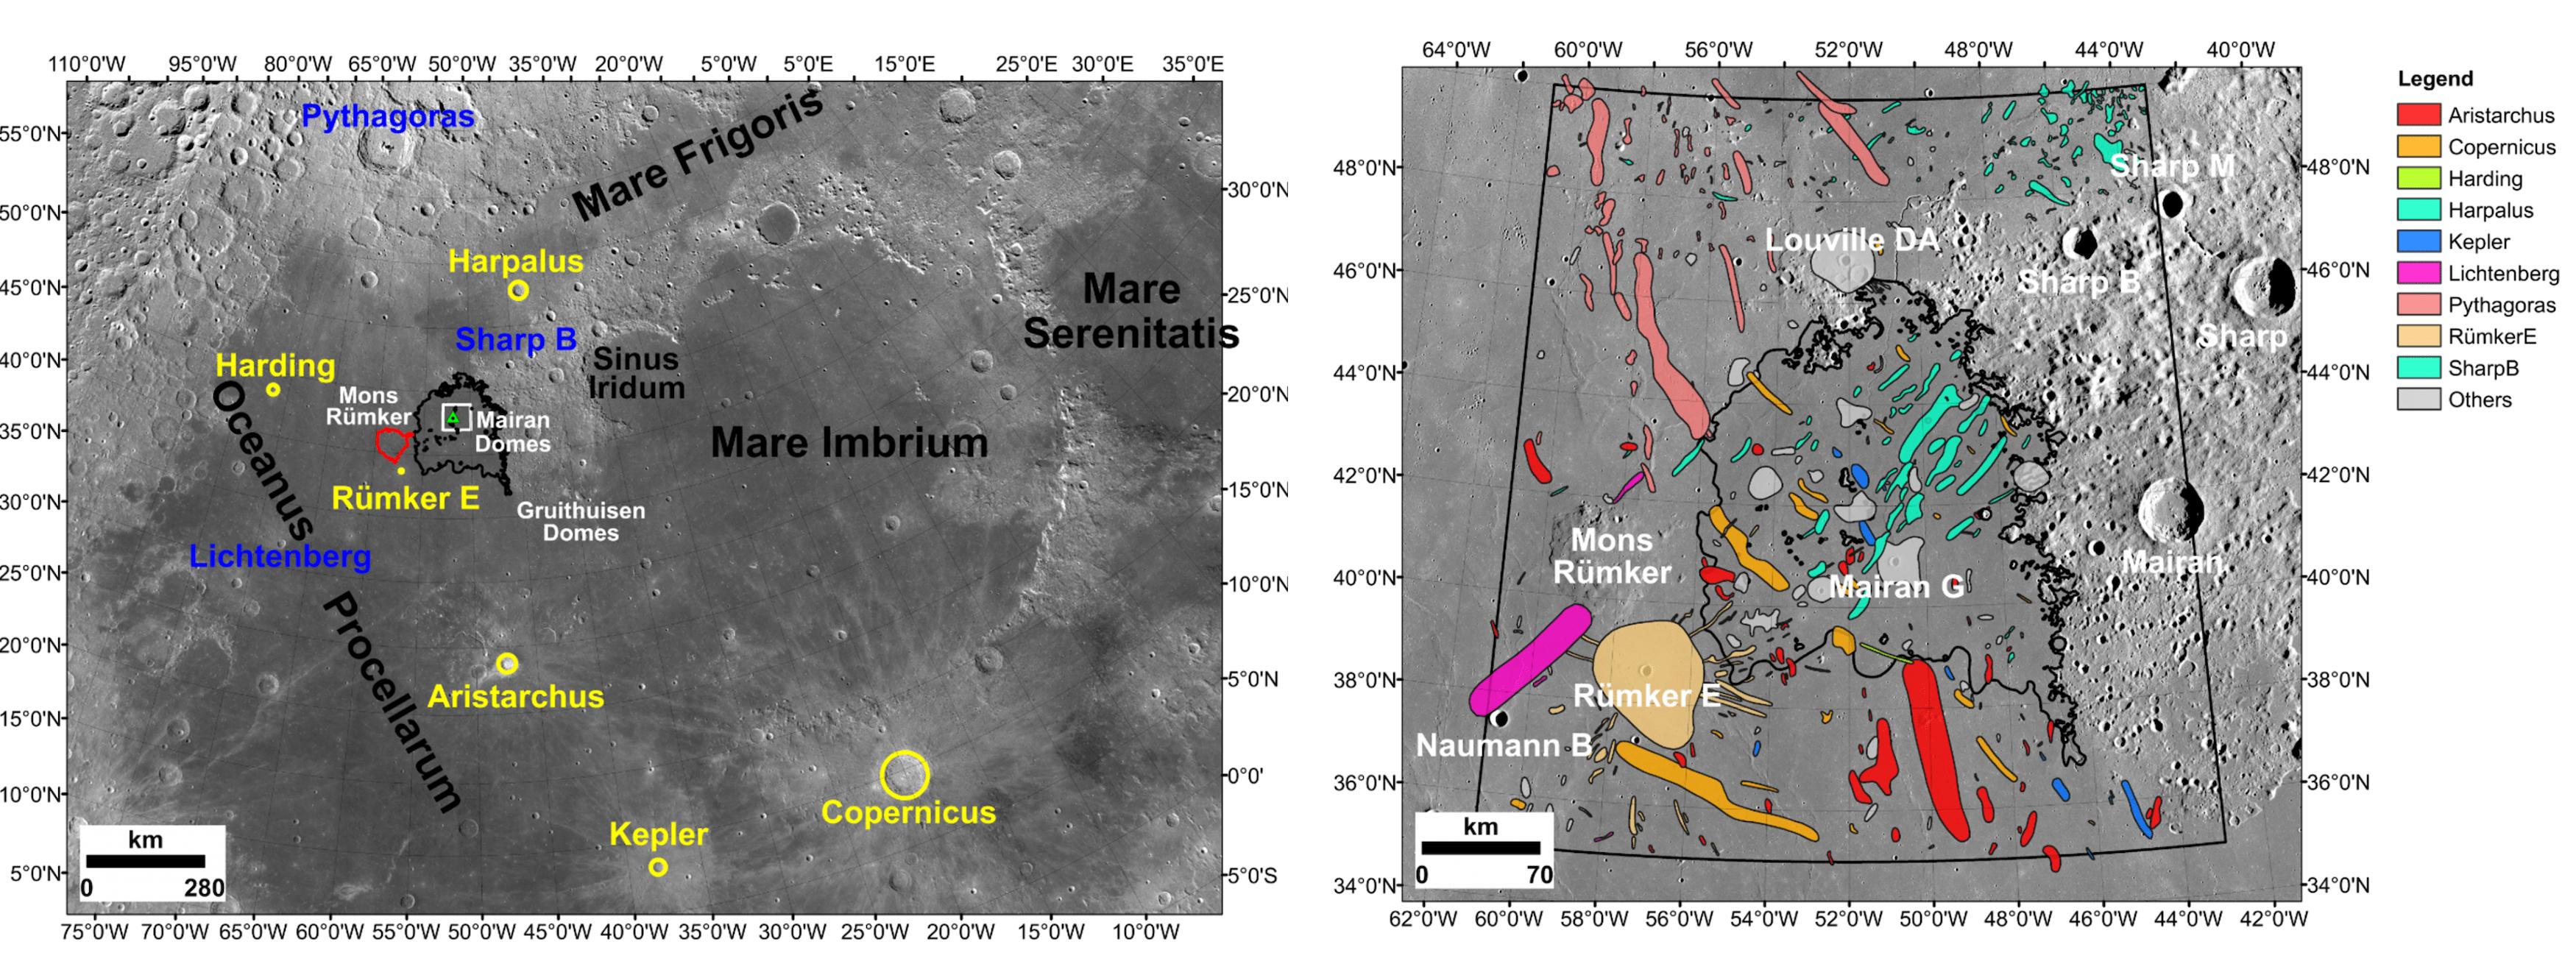 L'immagine a sinistra mostra il sito di atterraggio della sonda Chang'e 5 e i crateri studiati come possibili fonti dei campioni esotici. Sulla destra uno zoom sulla zona di atterraggio di Chang'e 5 con indicati i vari crateri ipotizzati per la provenienza dei campioni esotici. Credits: Qian et al. 2021